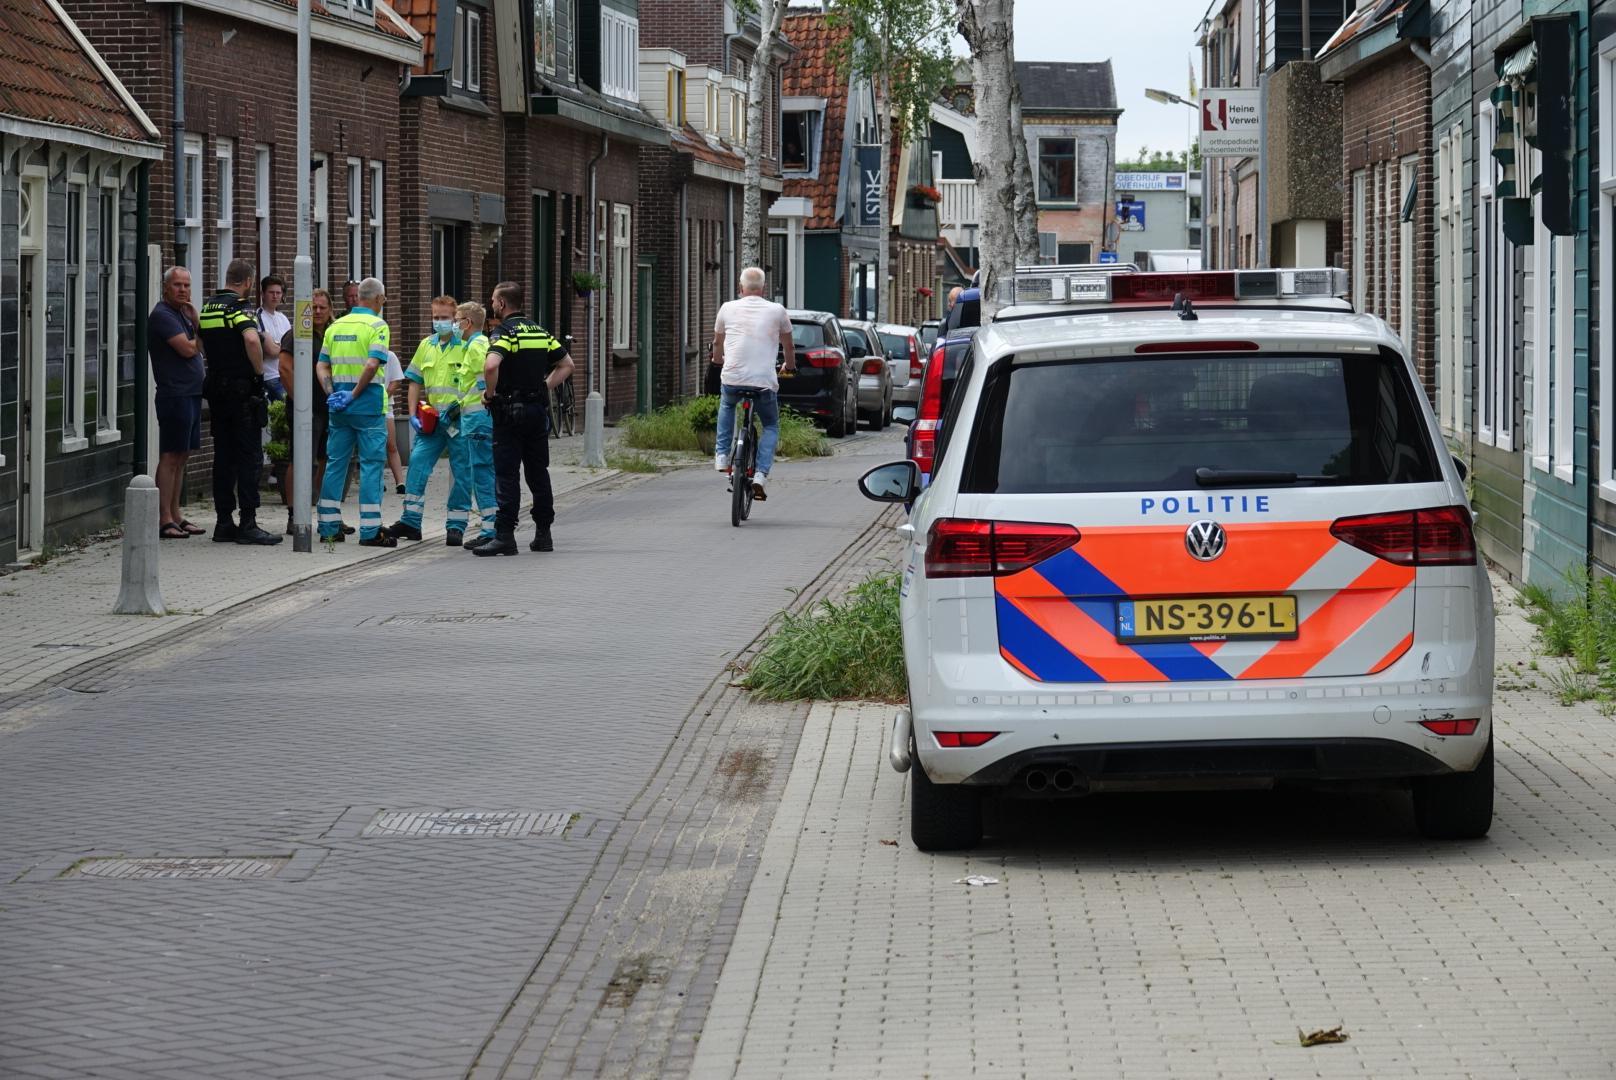 Steekpartij zonder gewonden in Krommenie. Dader blijkt 'alleen' te zwaaien en dreigen met een mes. Hij is aangehouden